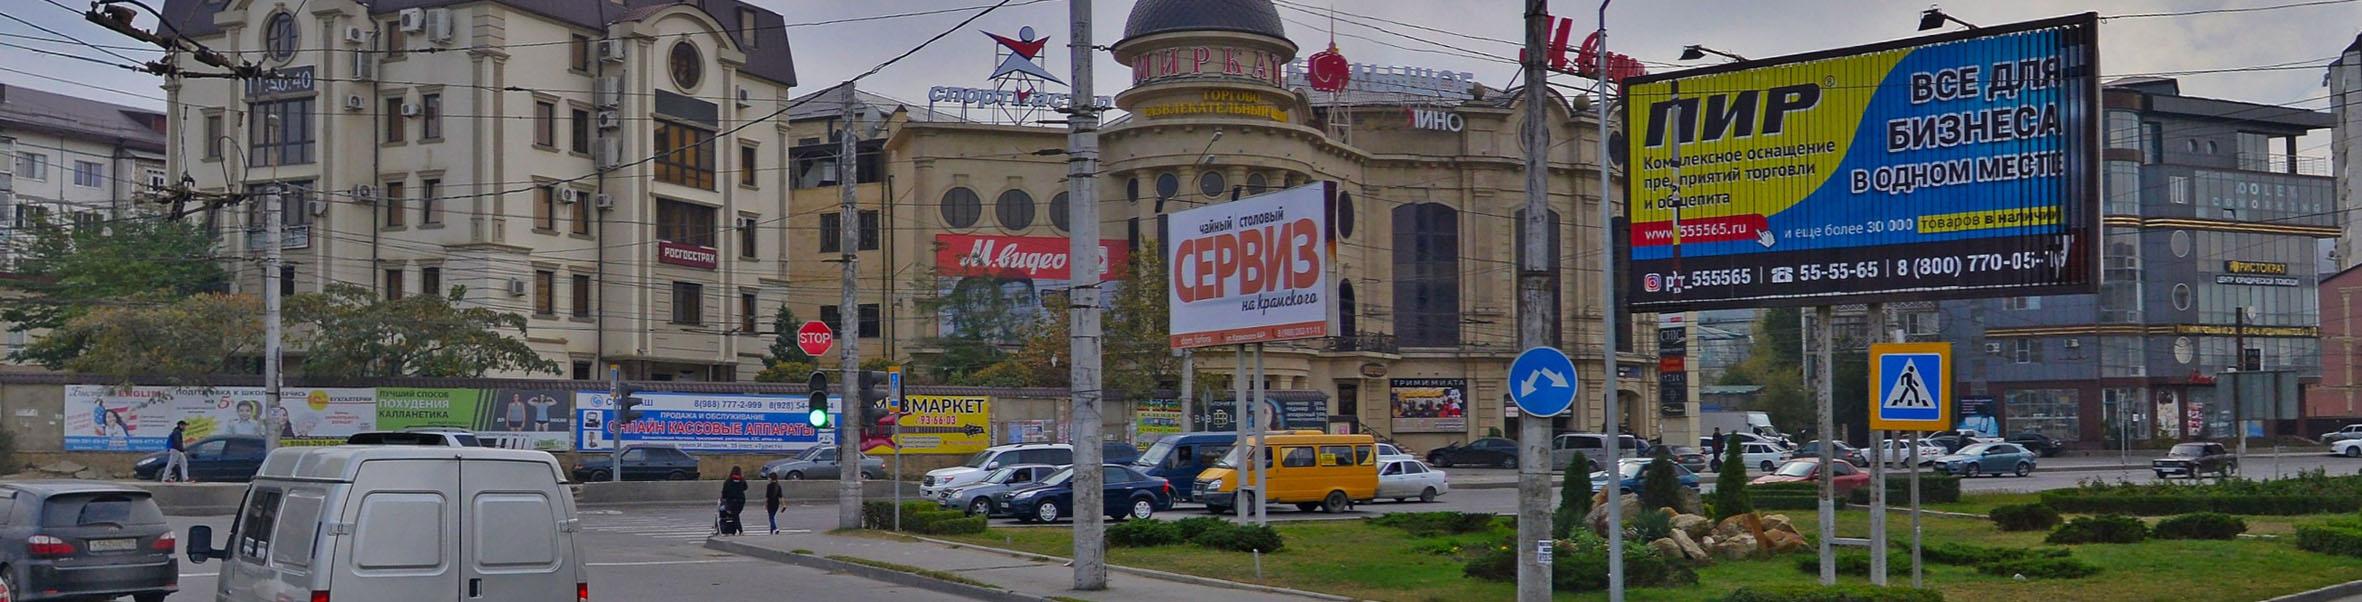 Наружная реклама в Махачкале Дагестан